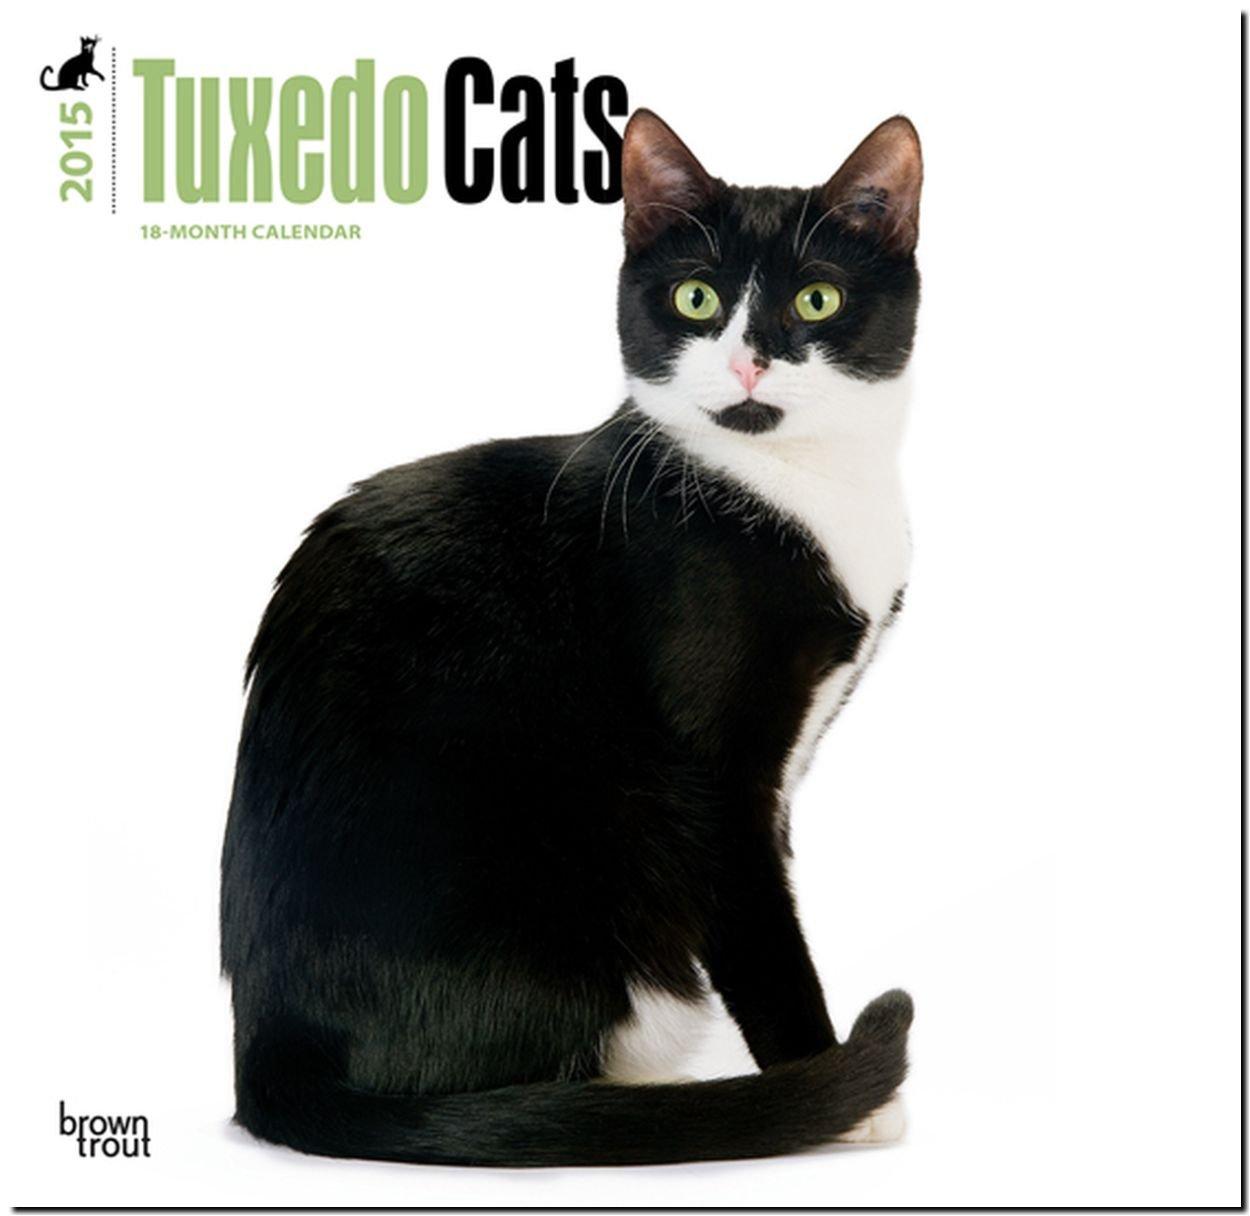 Tuxedo Cats 2015 Square 12x12: BrownTrout: 9781465025838: Amazon.com: Books